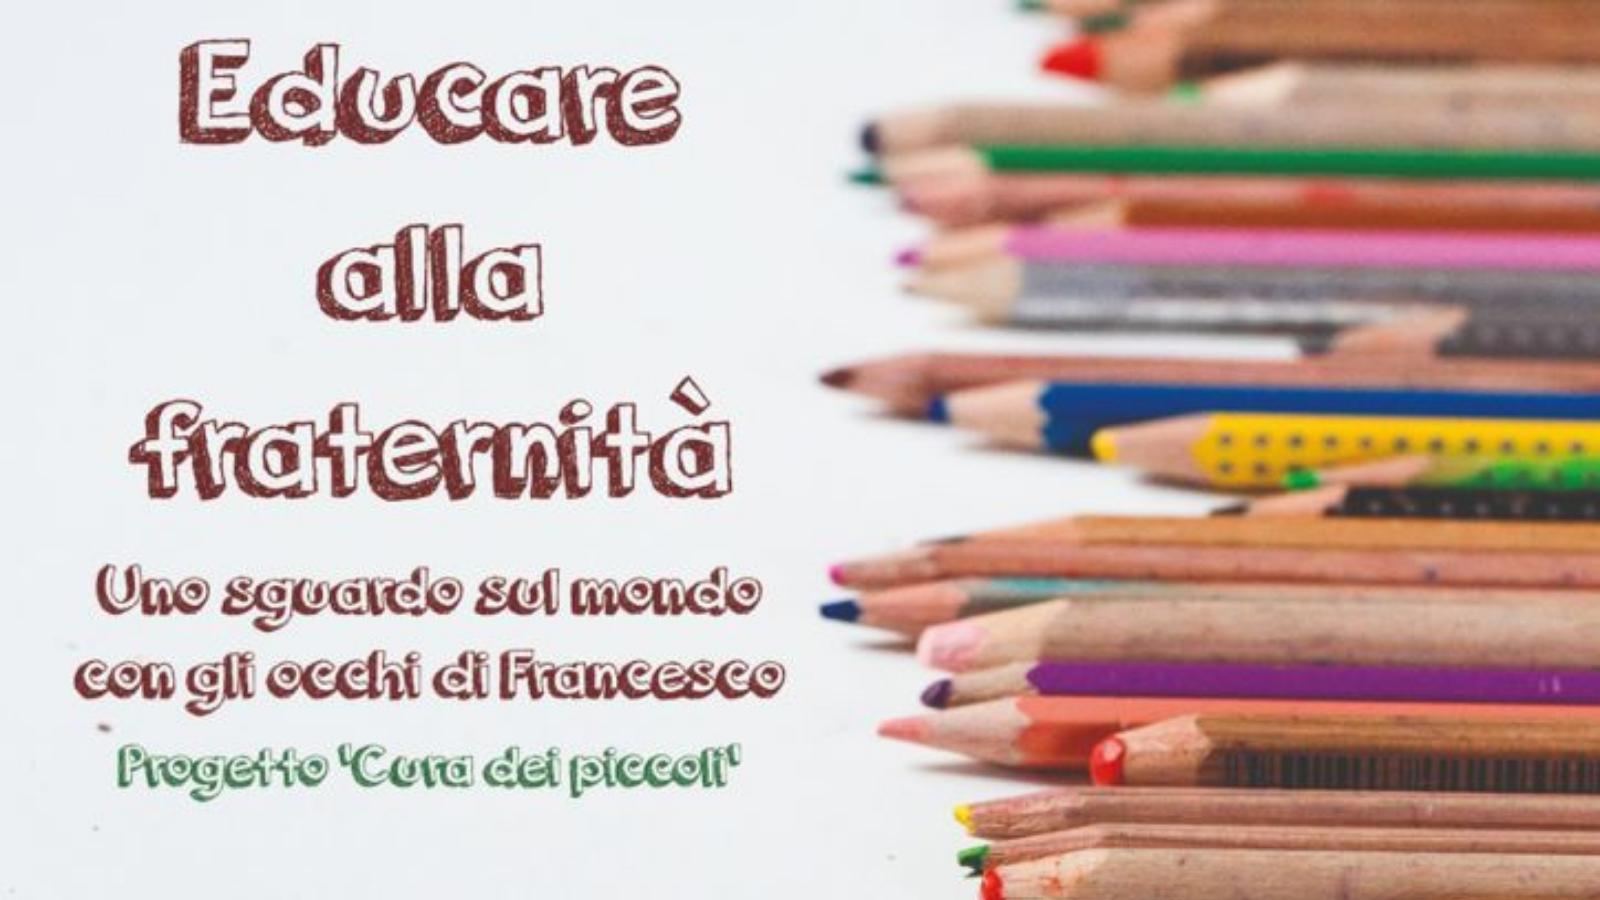 formazione araldini 2021 - ordine francescano secolare d'italia